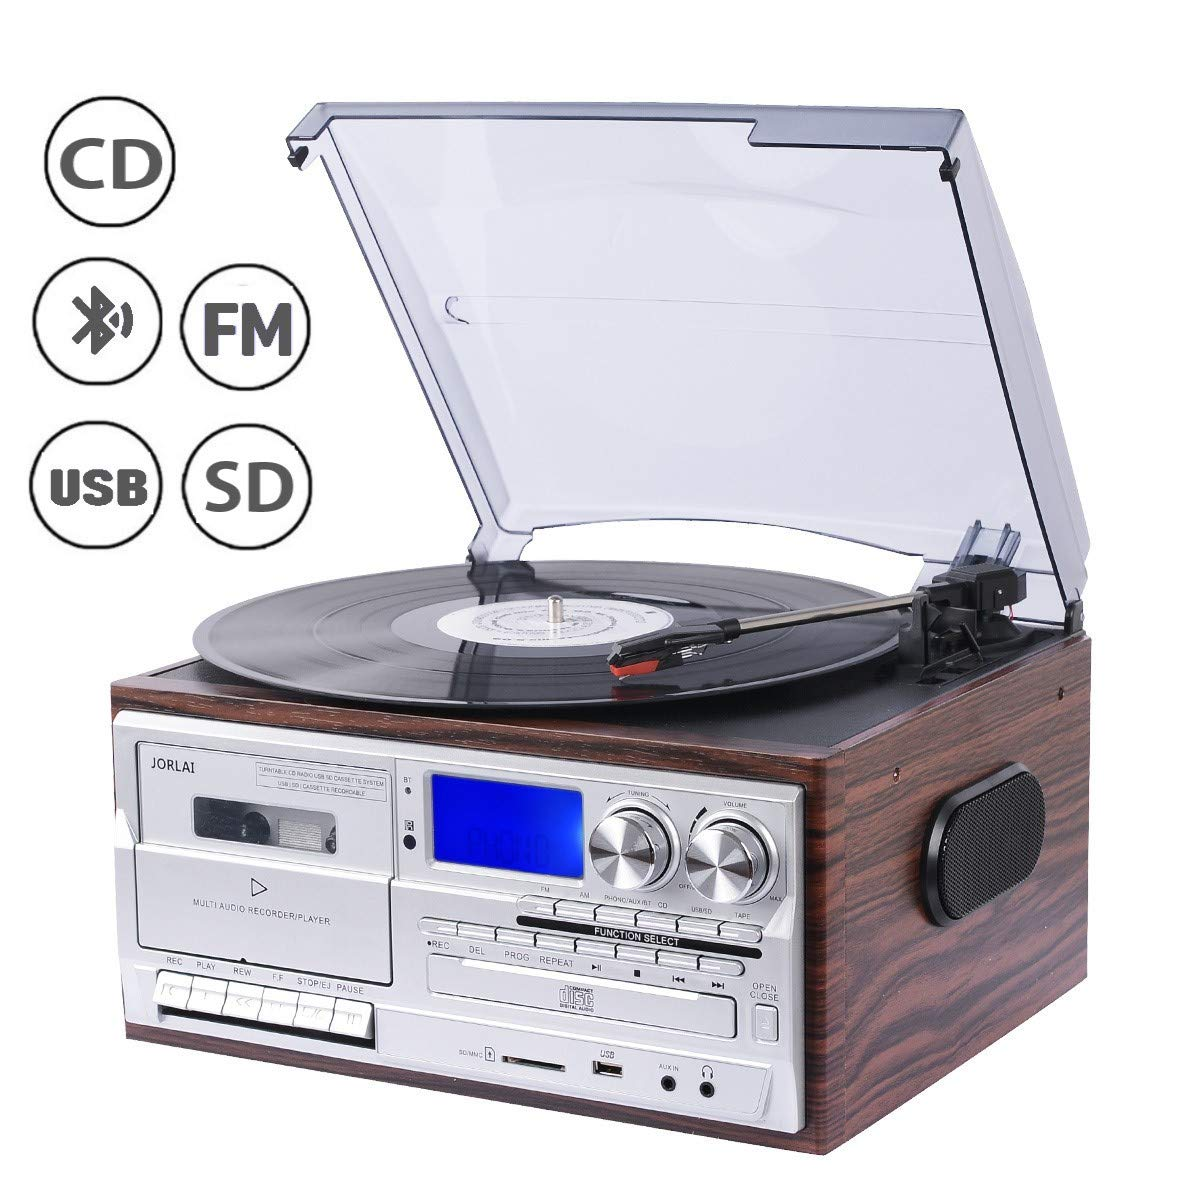 JORLAI 33/45/78 Platine Vinyle avec fonctions Bluetooth, PLL, Radio FM/AM, Lecteurs CD/MP3/Cassettes,  Enregistrement USB/SD, Entrée AUX 3.5 mm product image